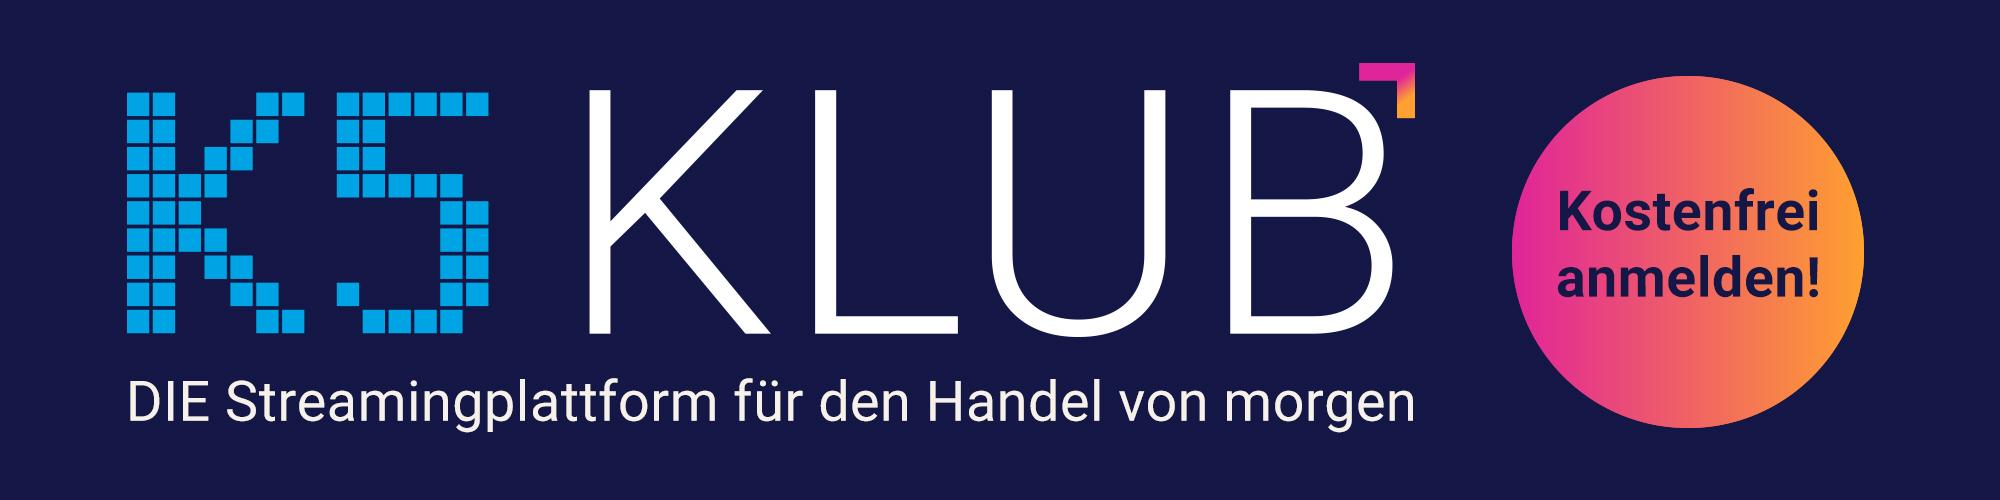 K5 KLUB - Jetzt kostenfrei anmelden